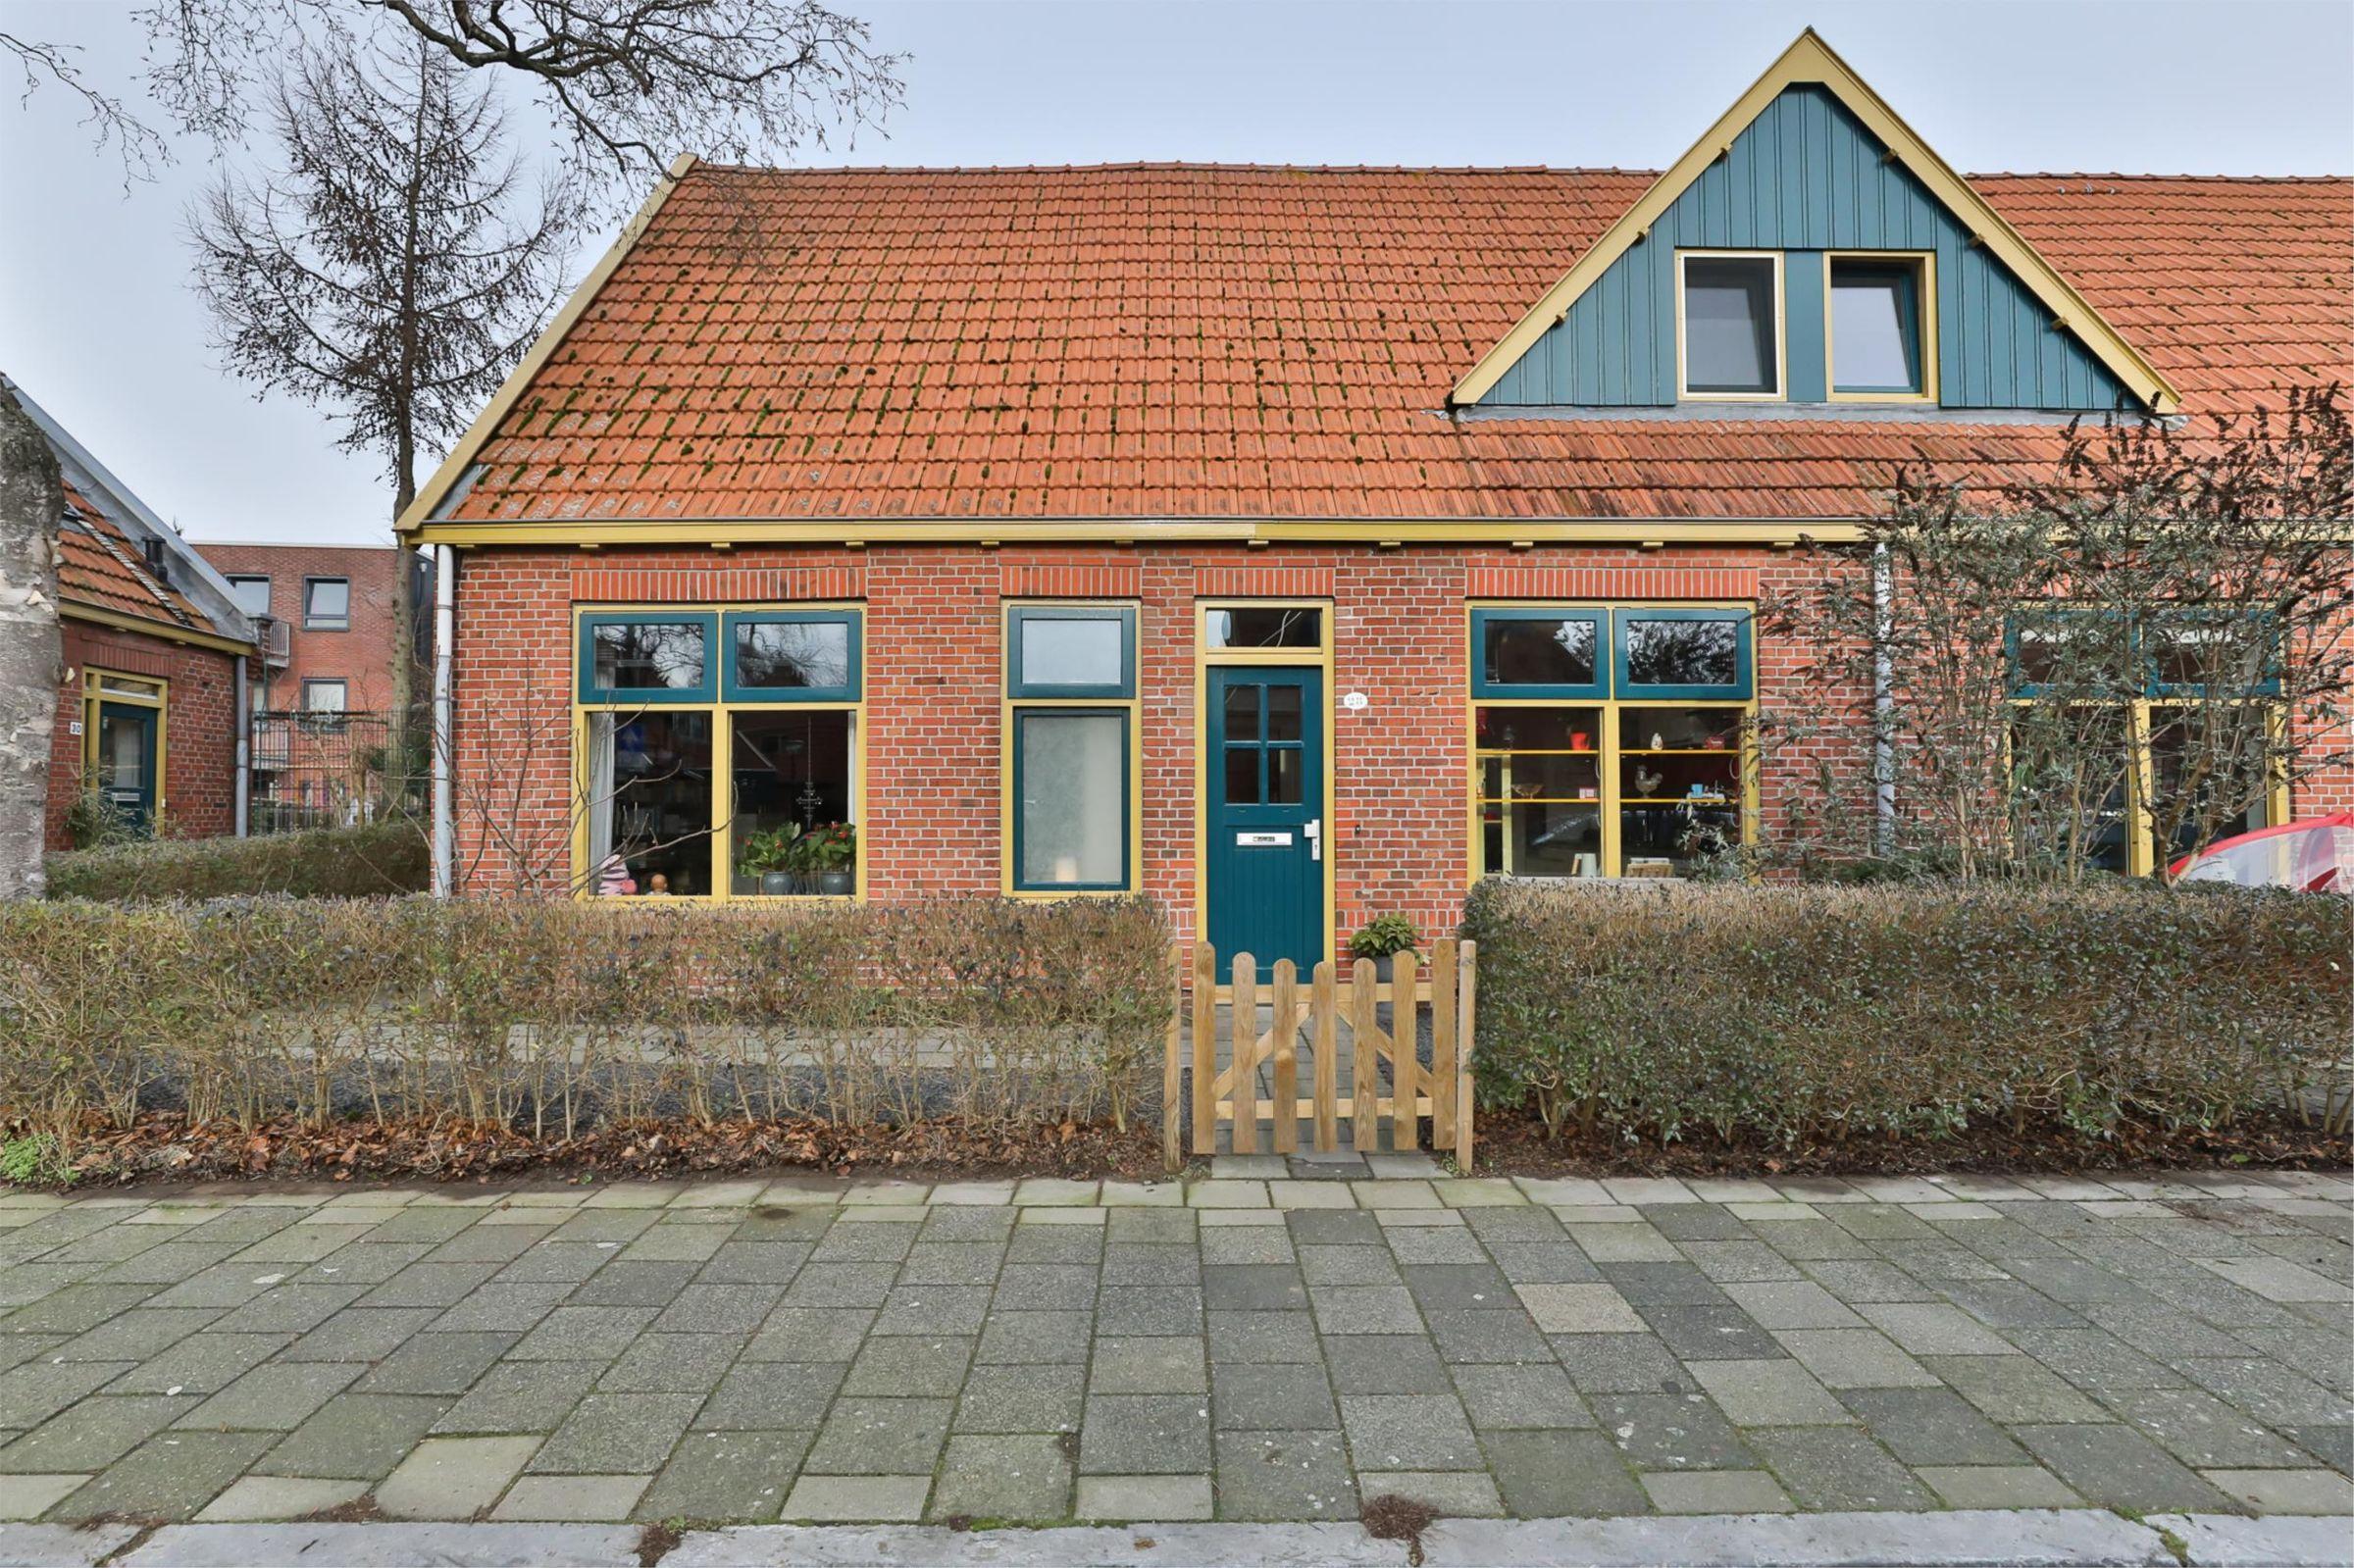 Wingerdhoek 28, Groningen